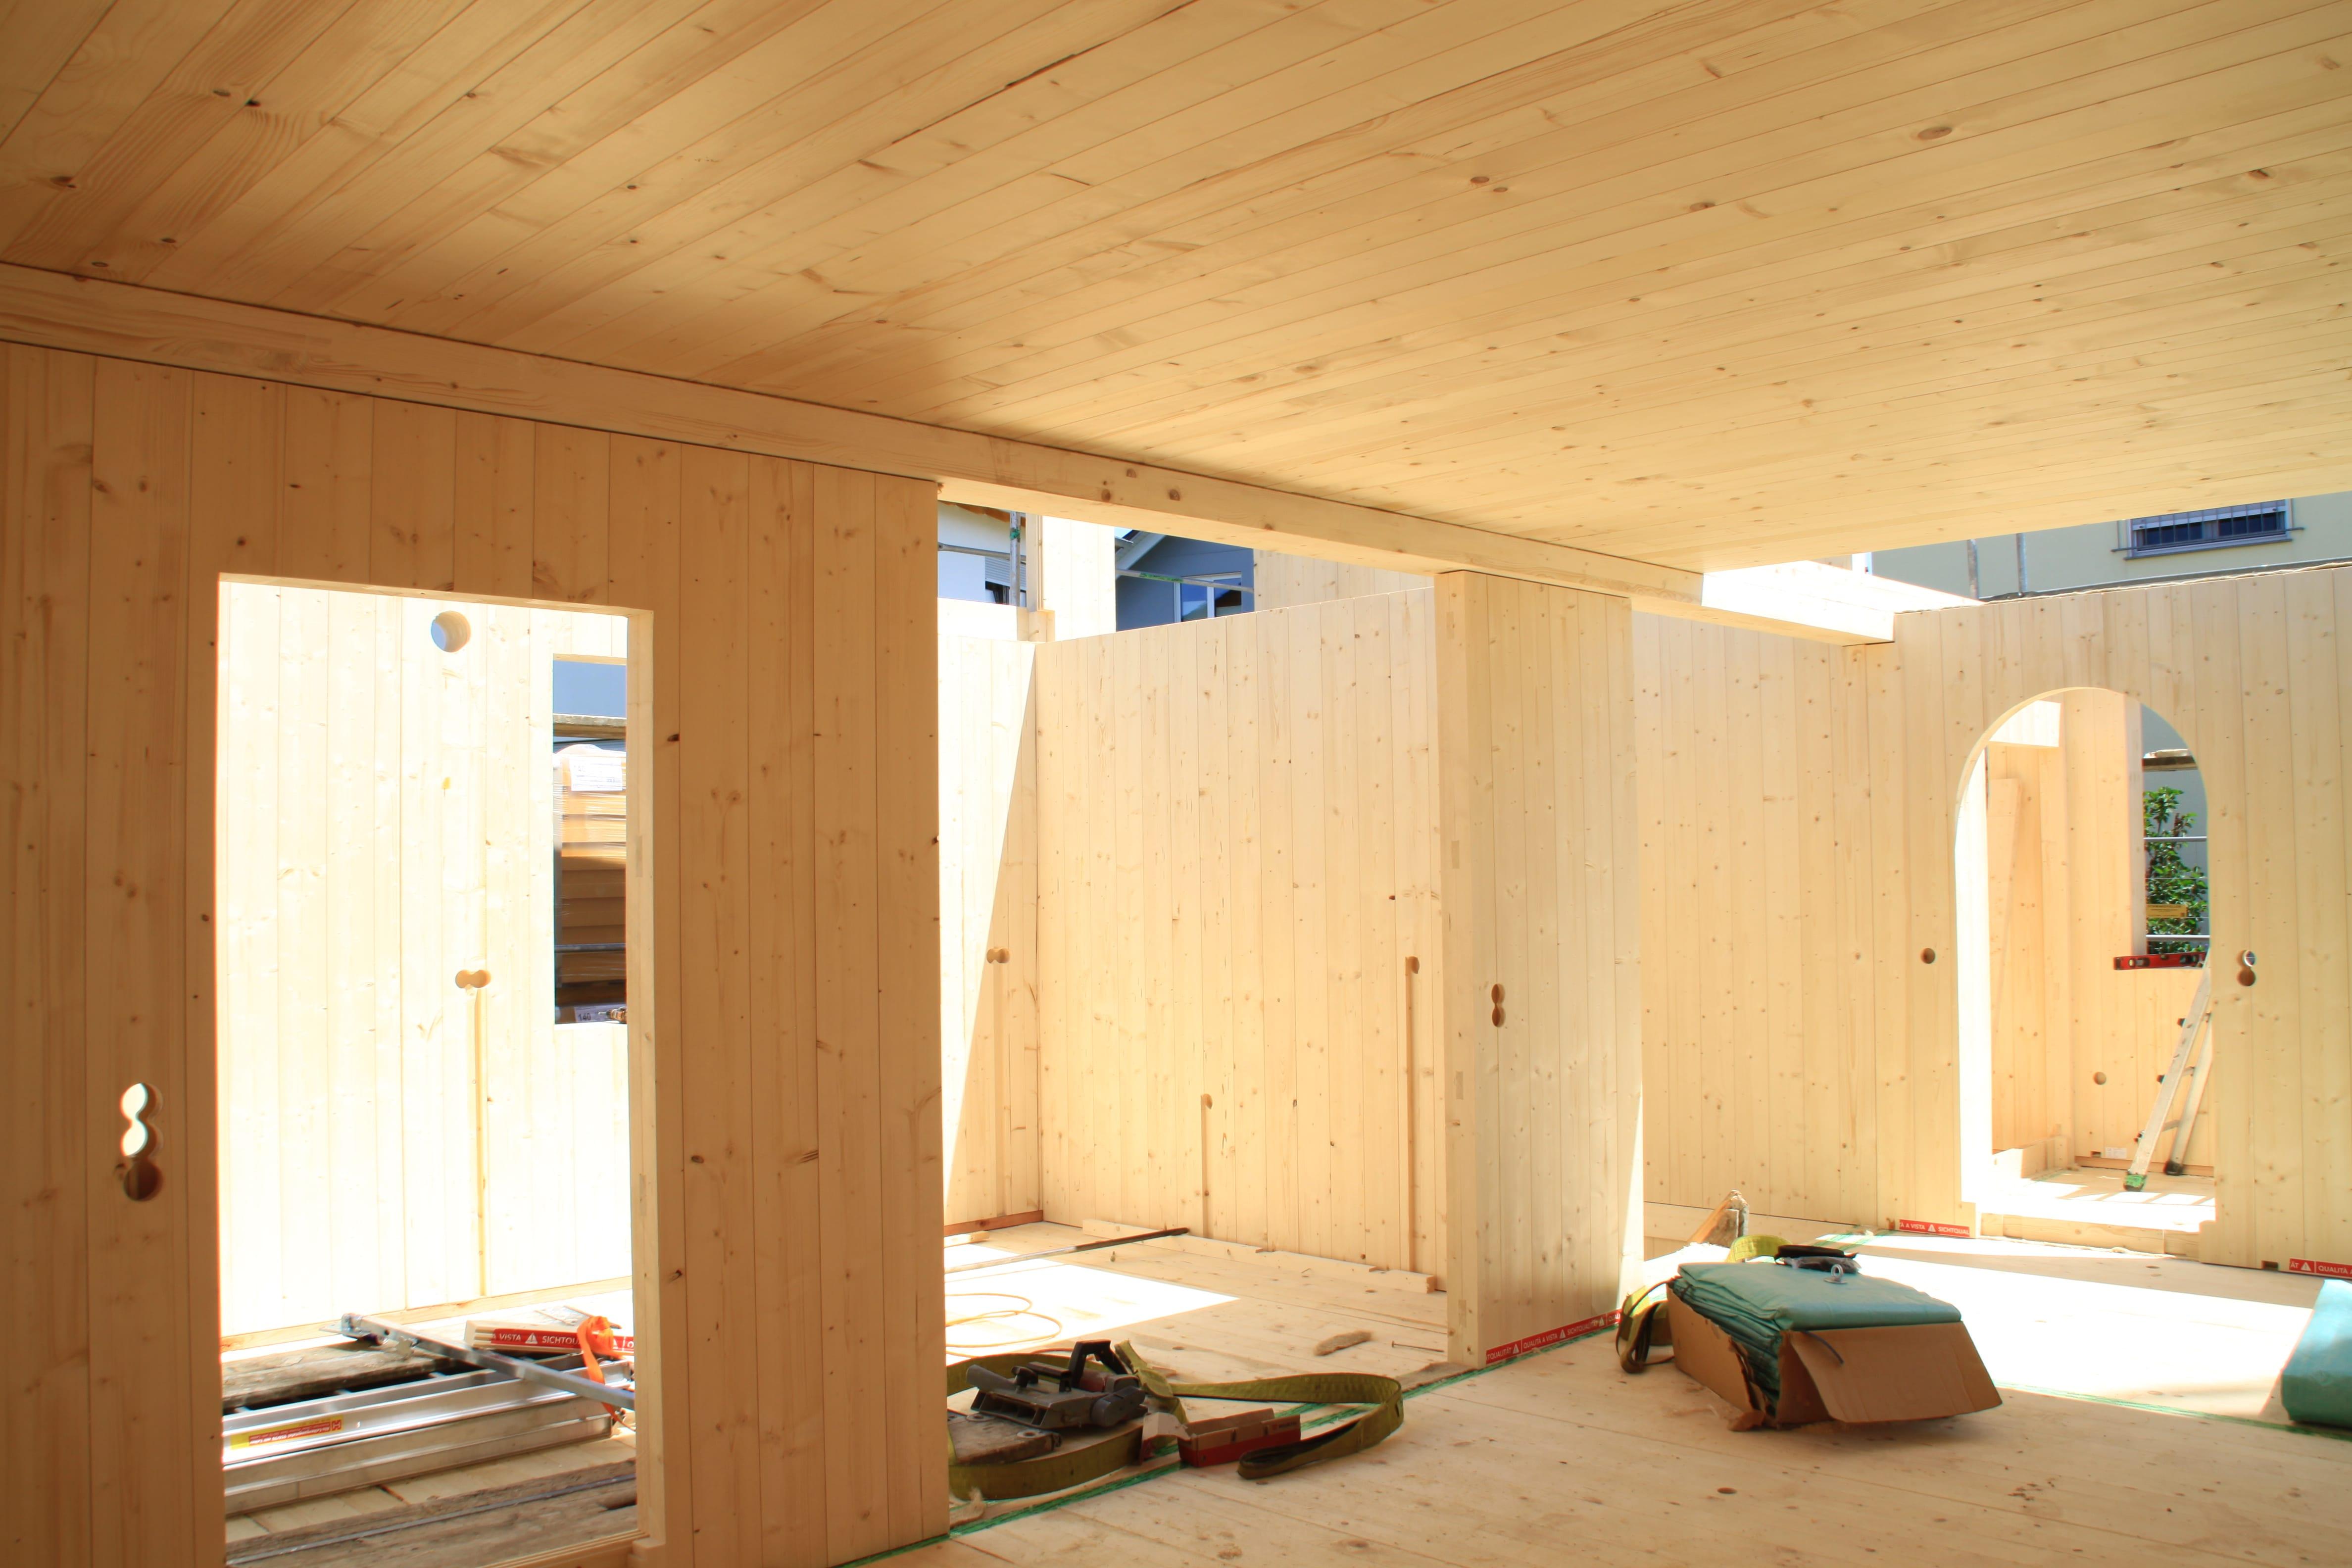 holzius Vollholzhaus in Salach - Innenräume im Rohbauzustand